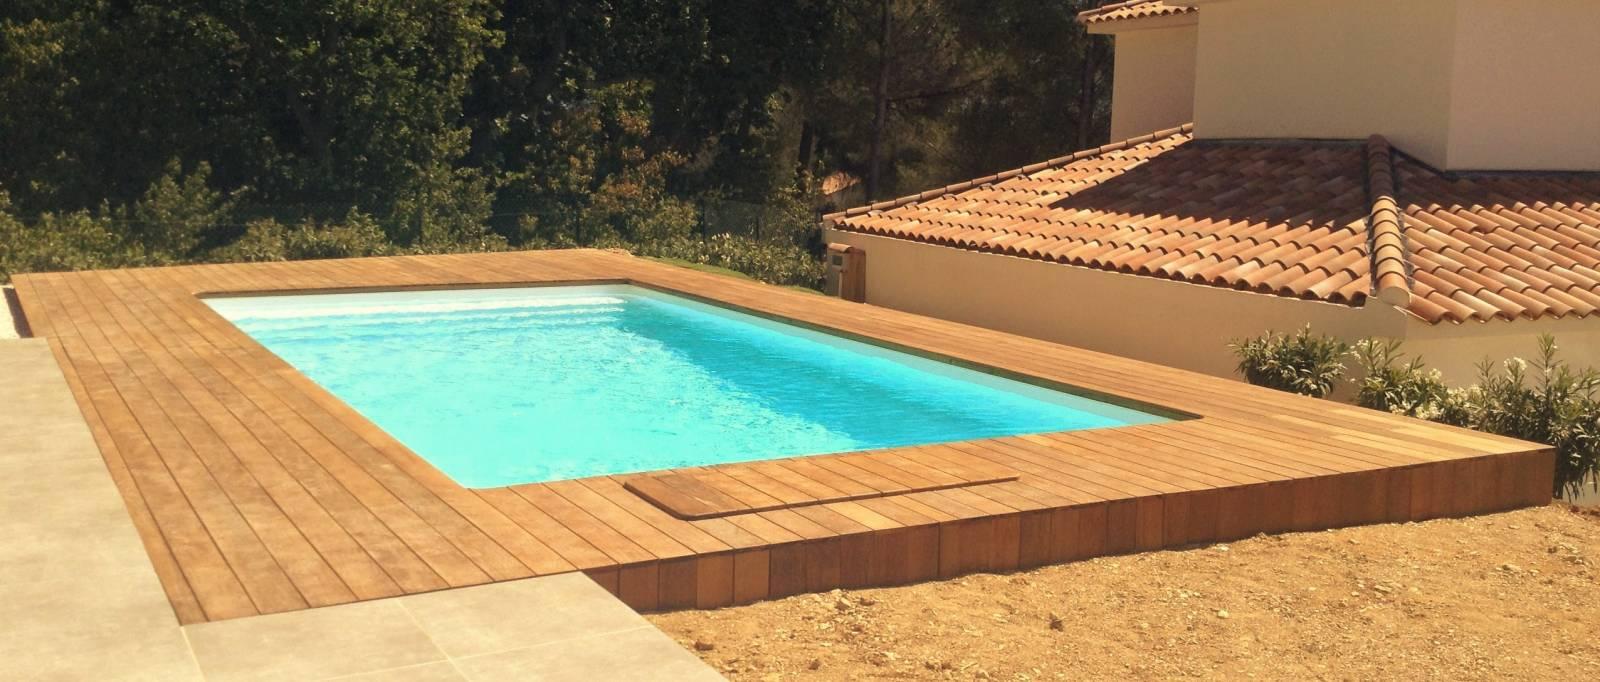 plage ipe autour d 39 une piscine desjoyaux six fours les plages jce piscines. Black Bedroom Furniture Sets. Home Design Ideas